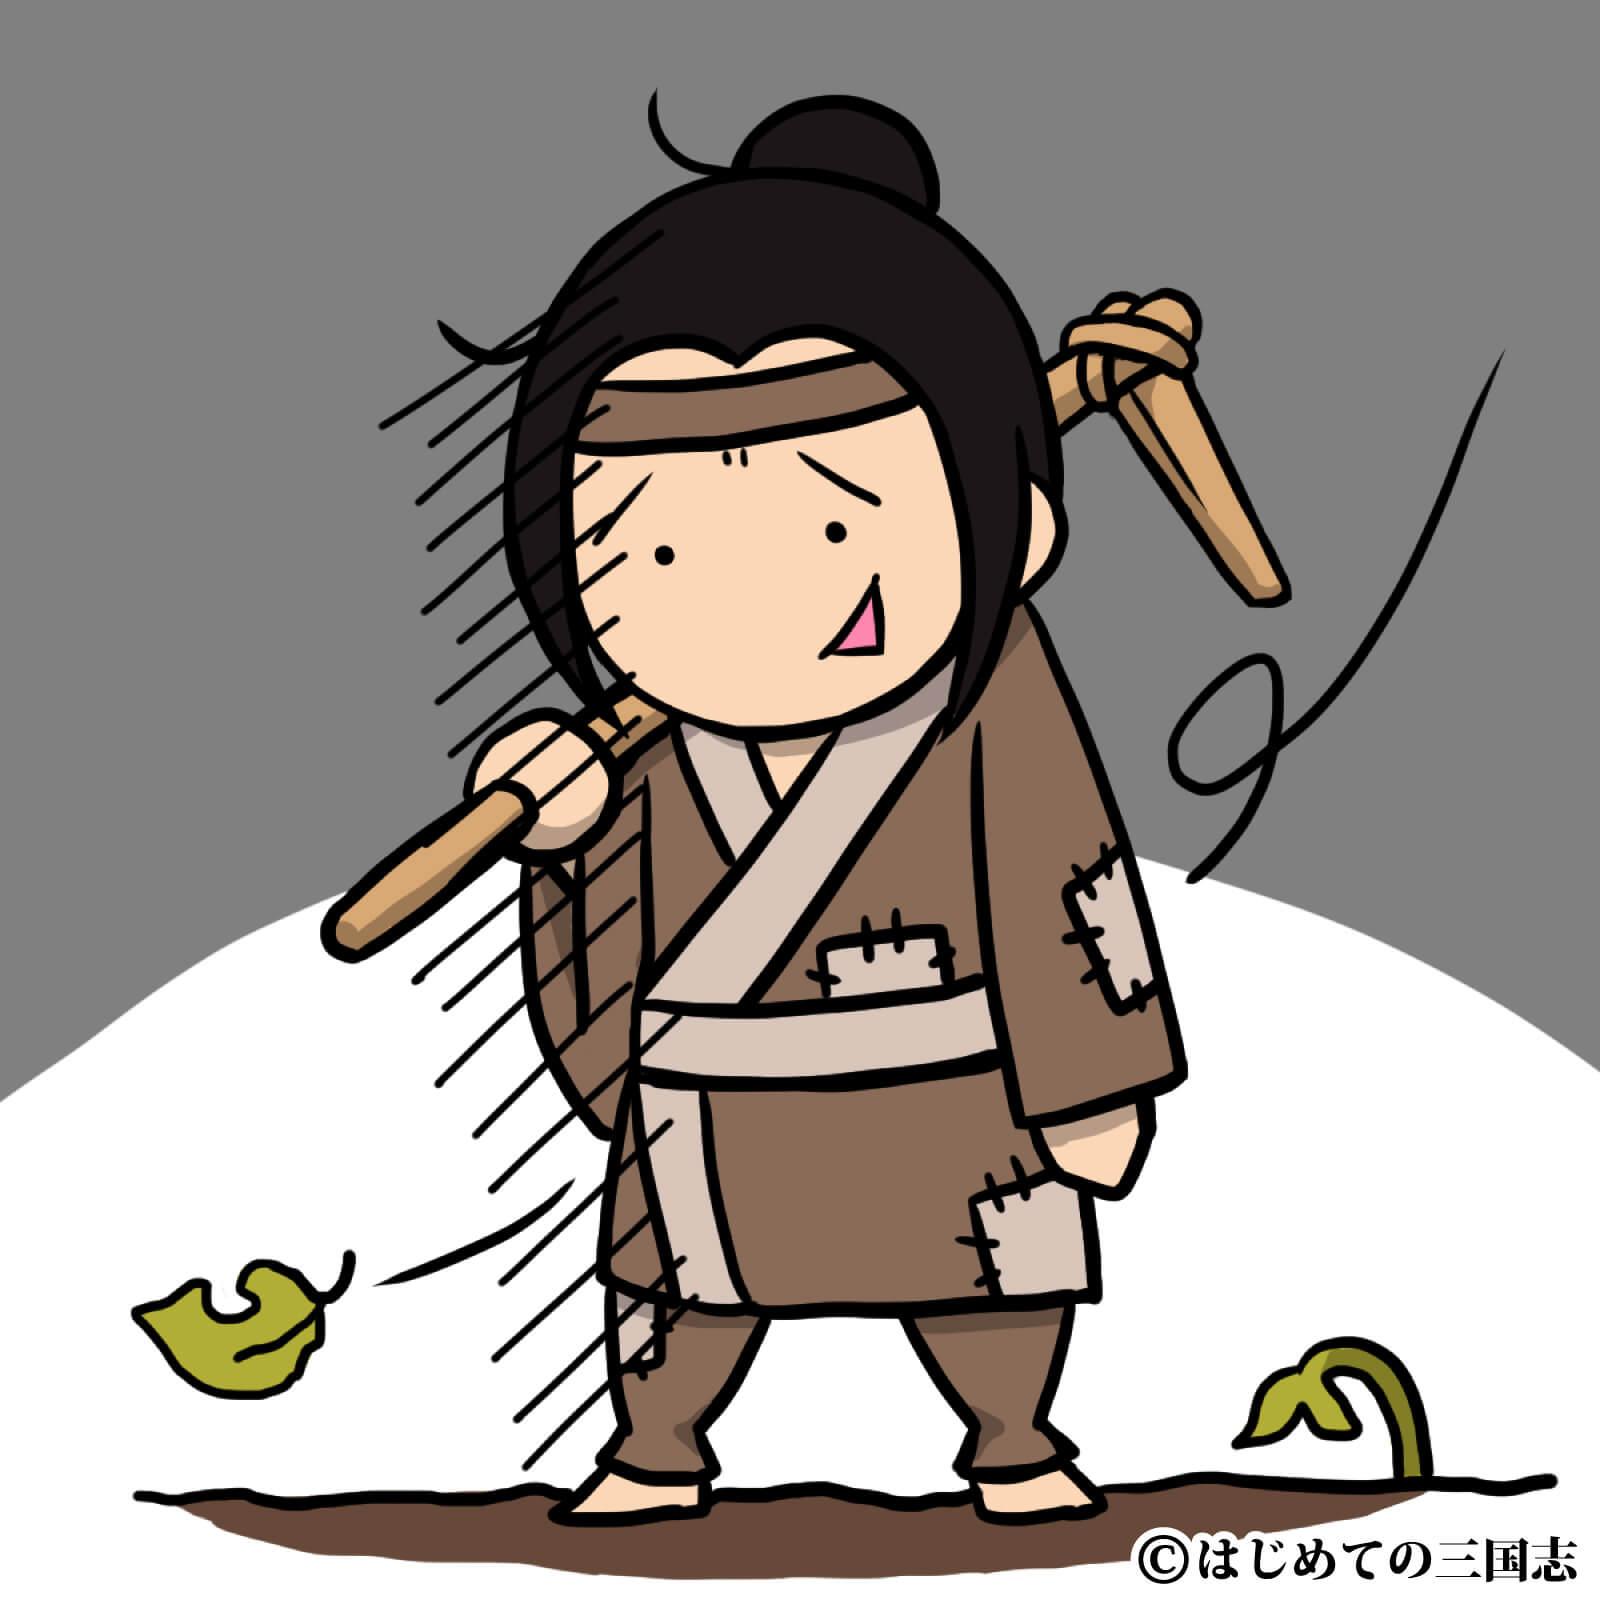 劉邦時代の農民